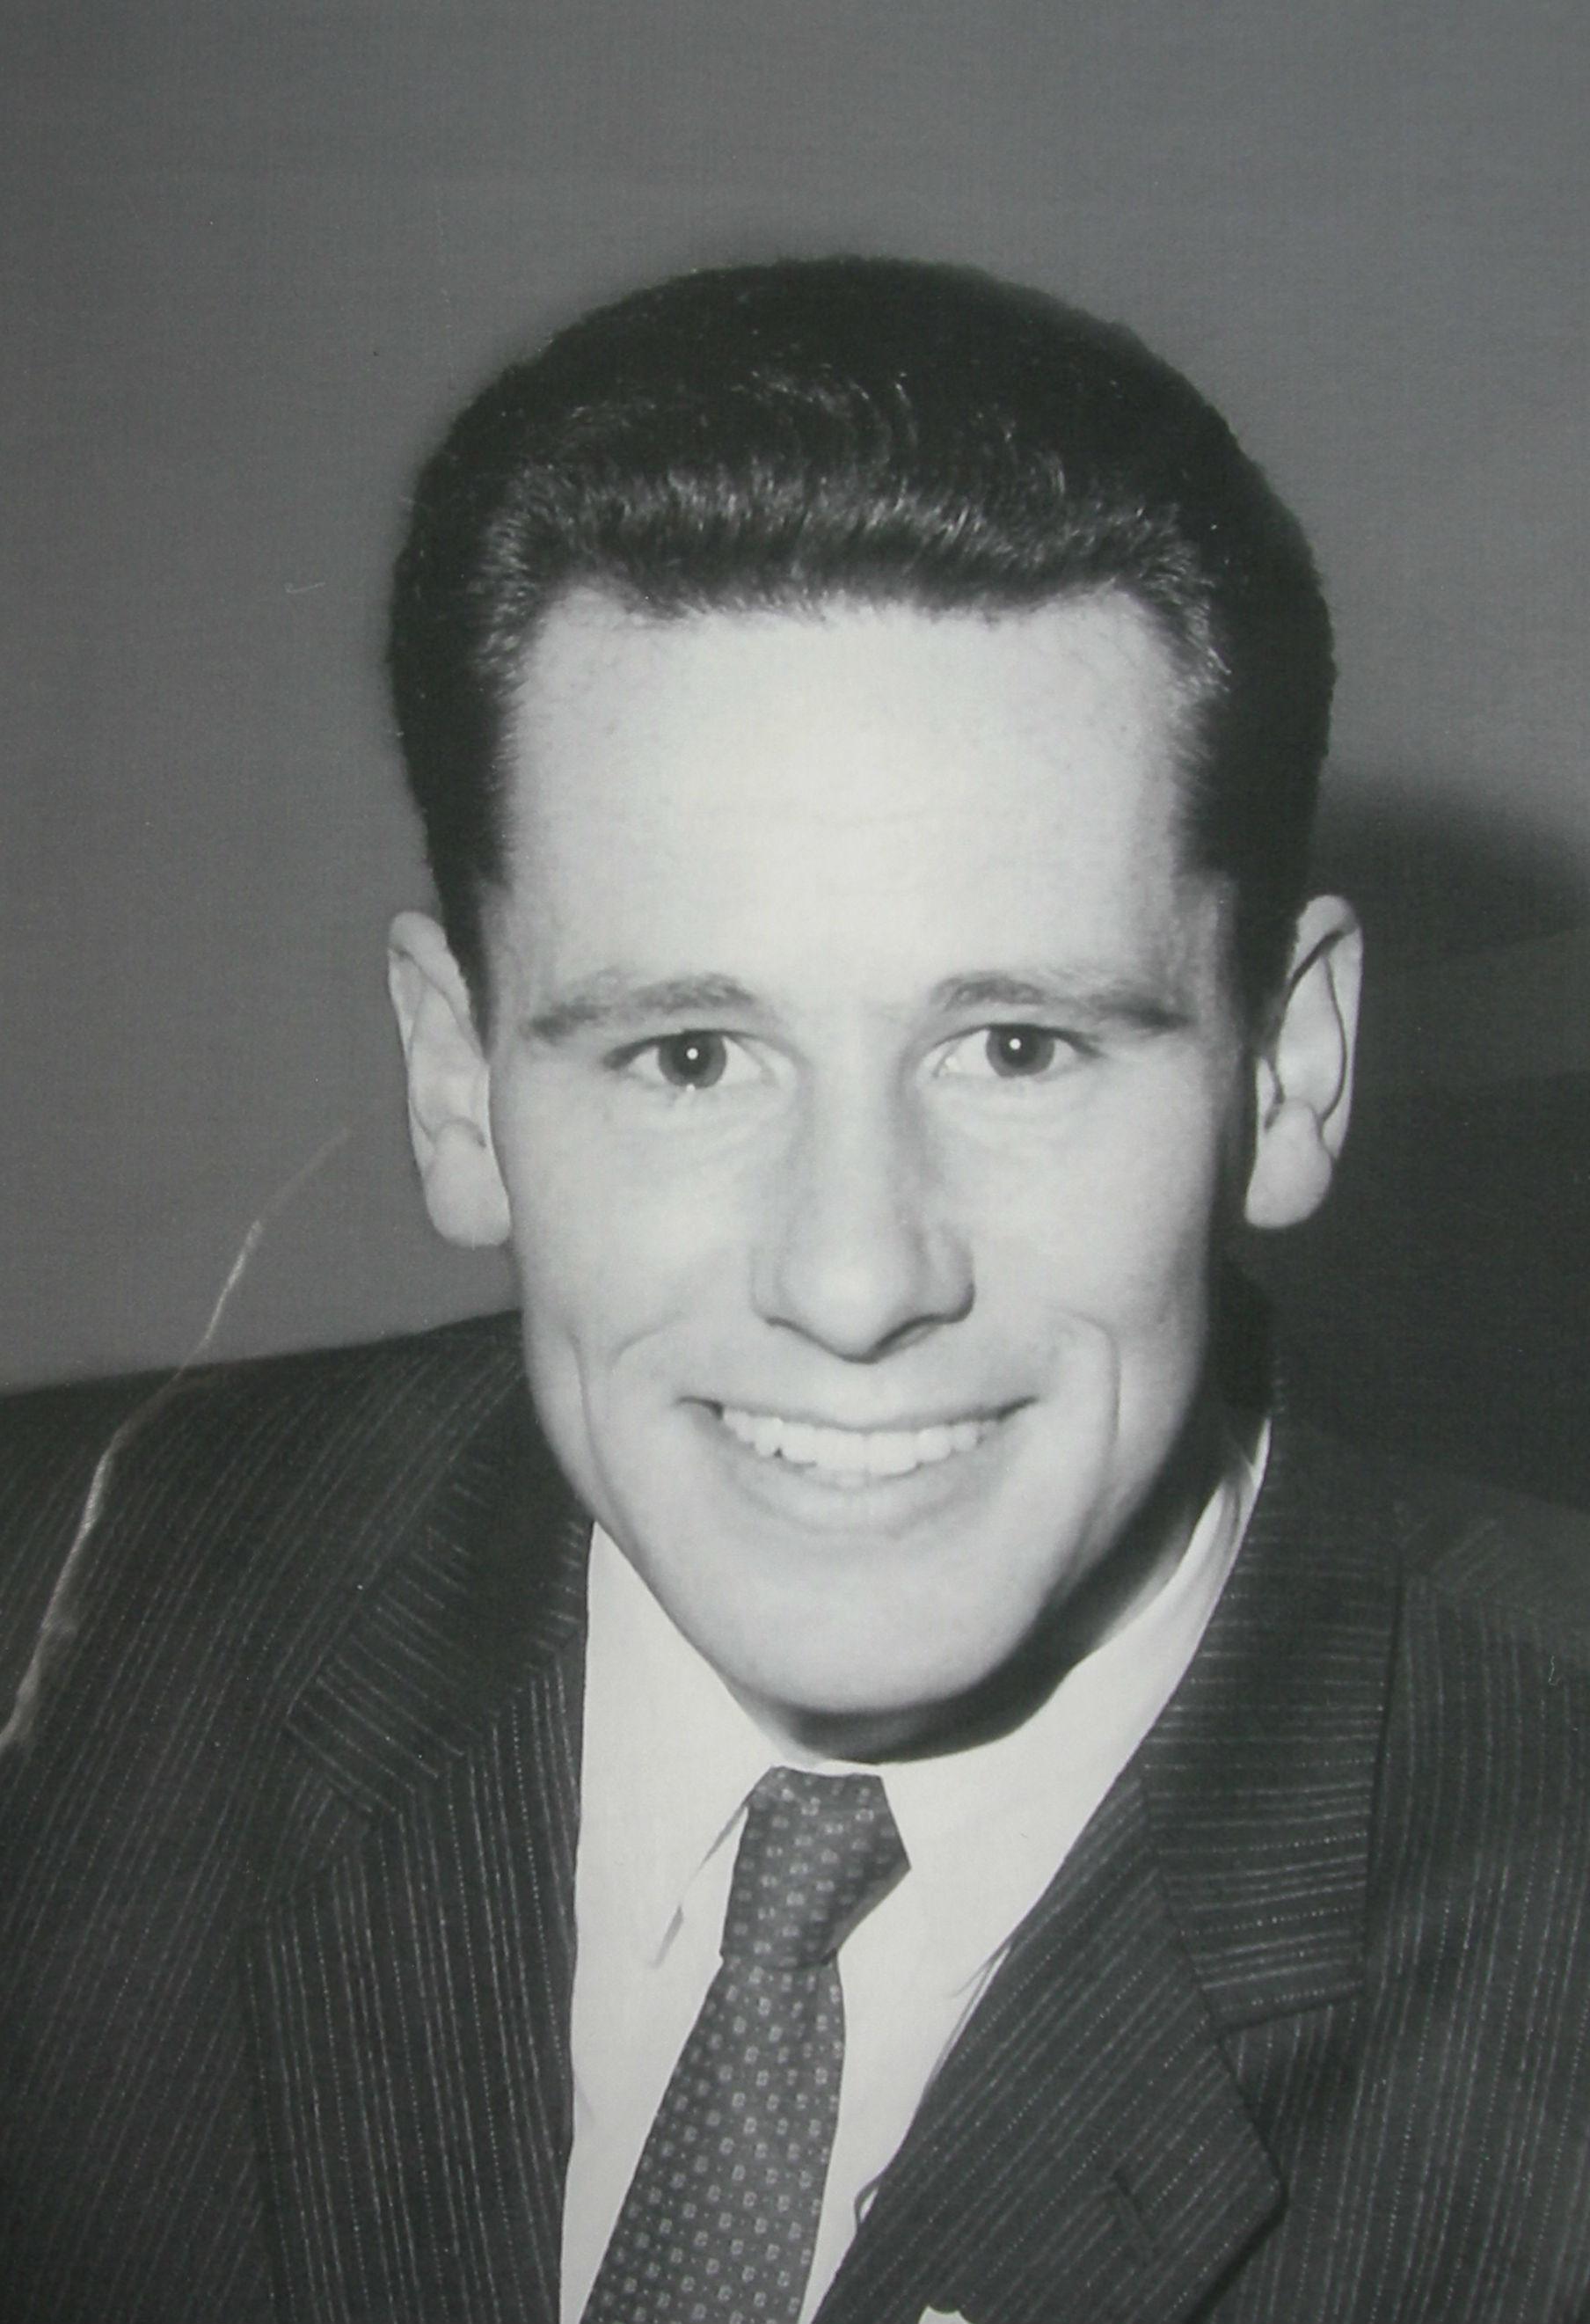 Anthony McArdle